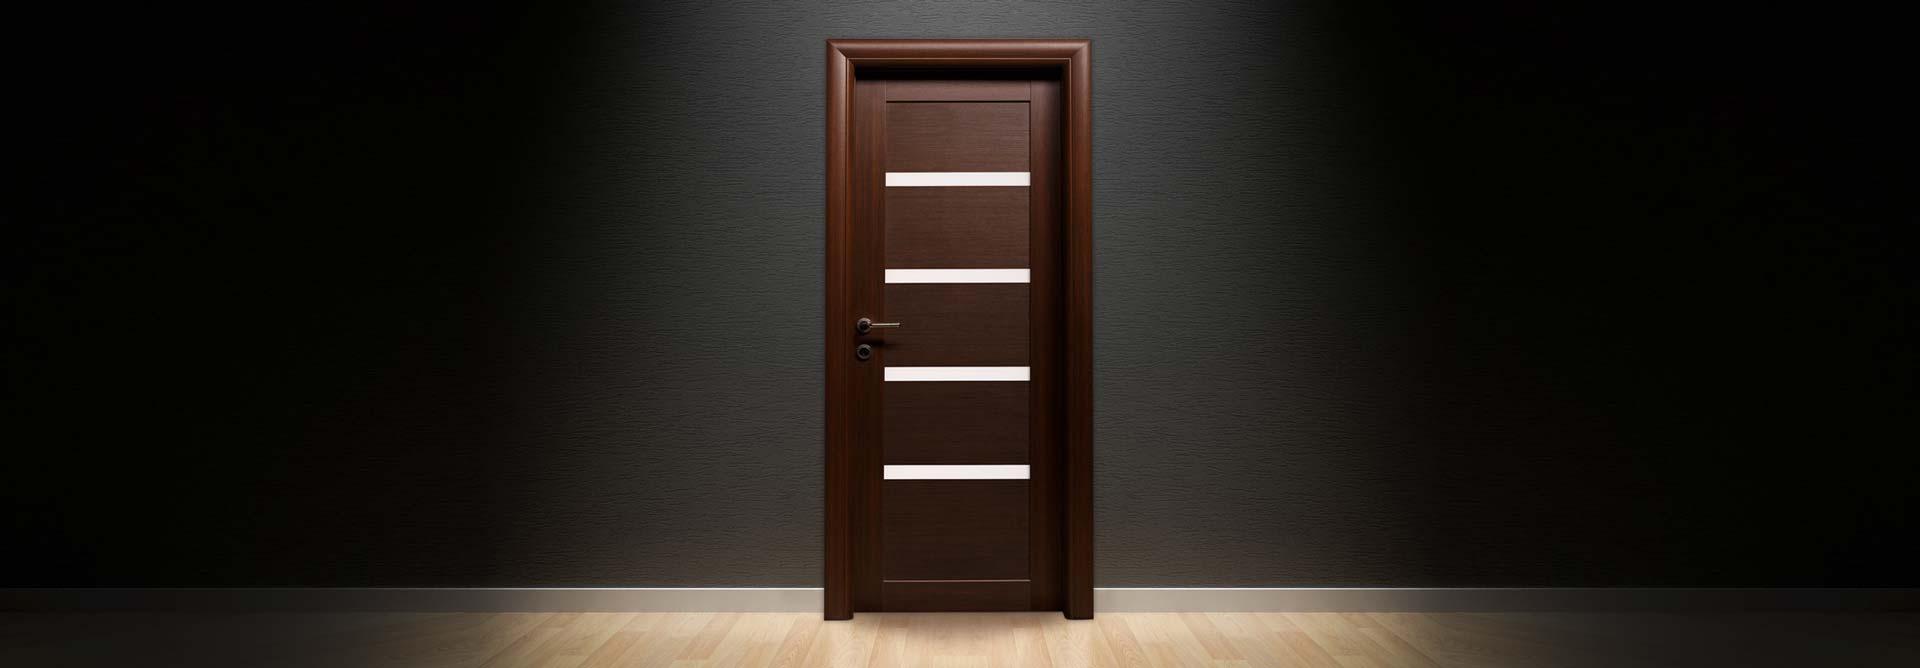 Druga linija sobna vrata